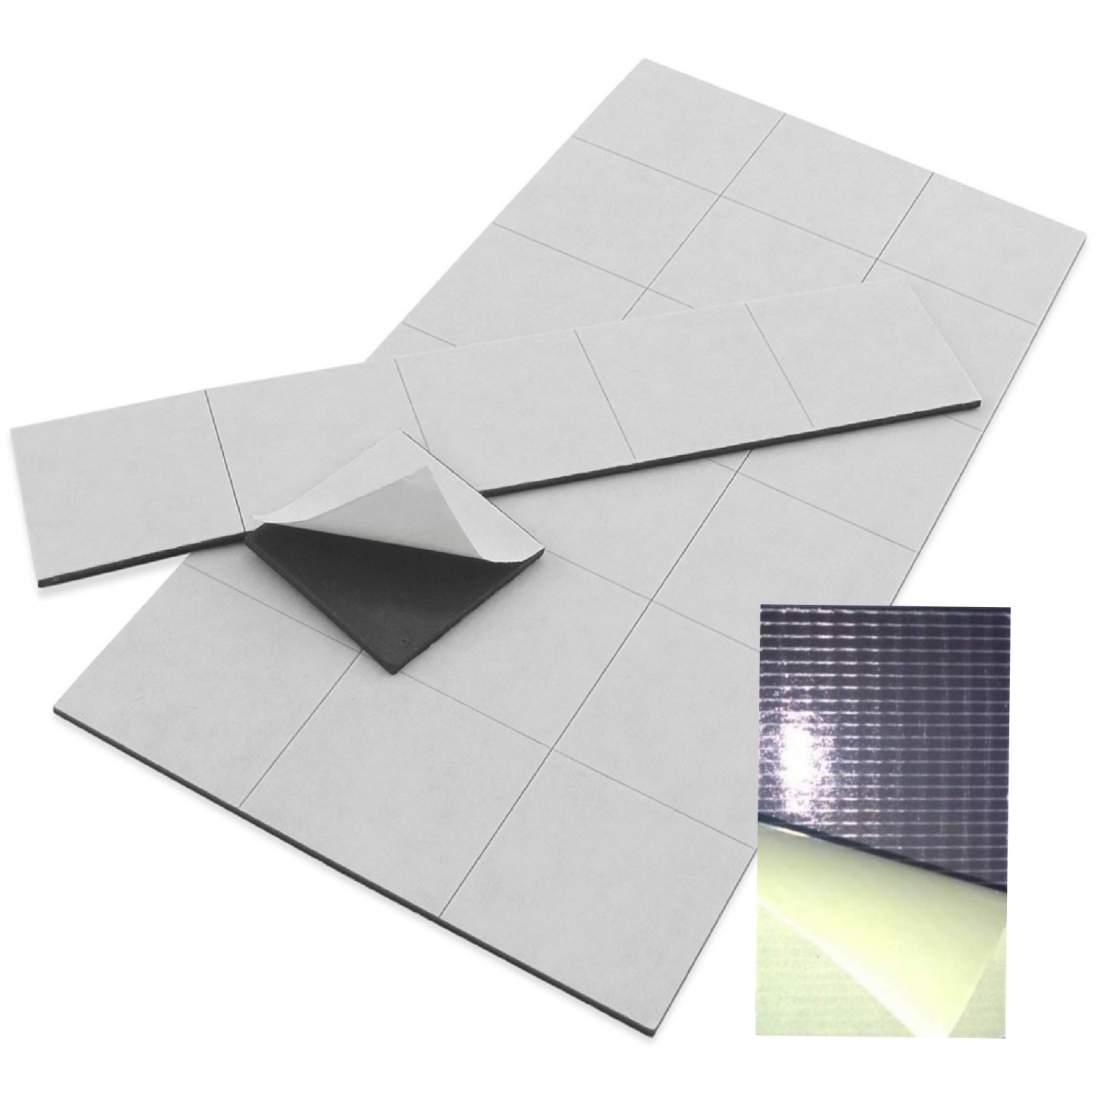 42. Öntapadó mágnesfólia (vágott) - 50x30mm